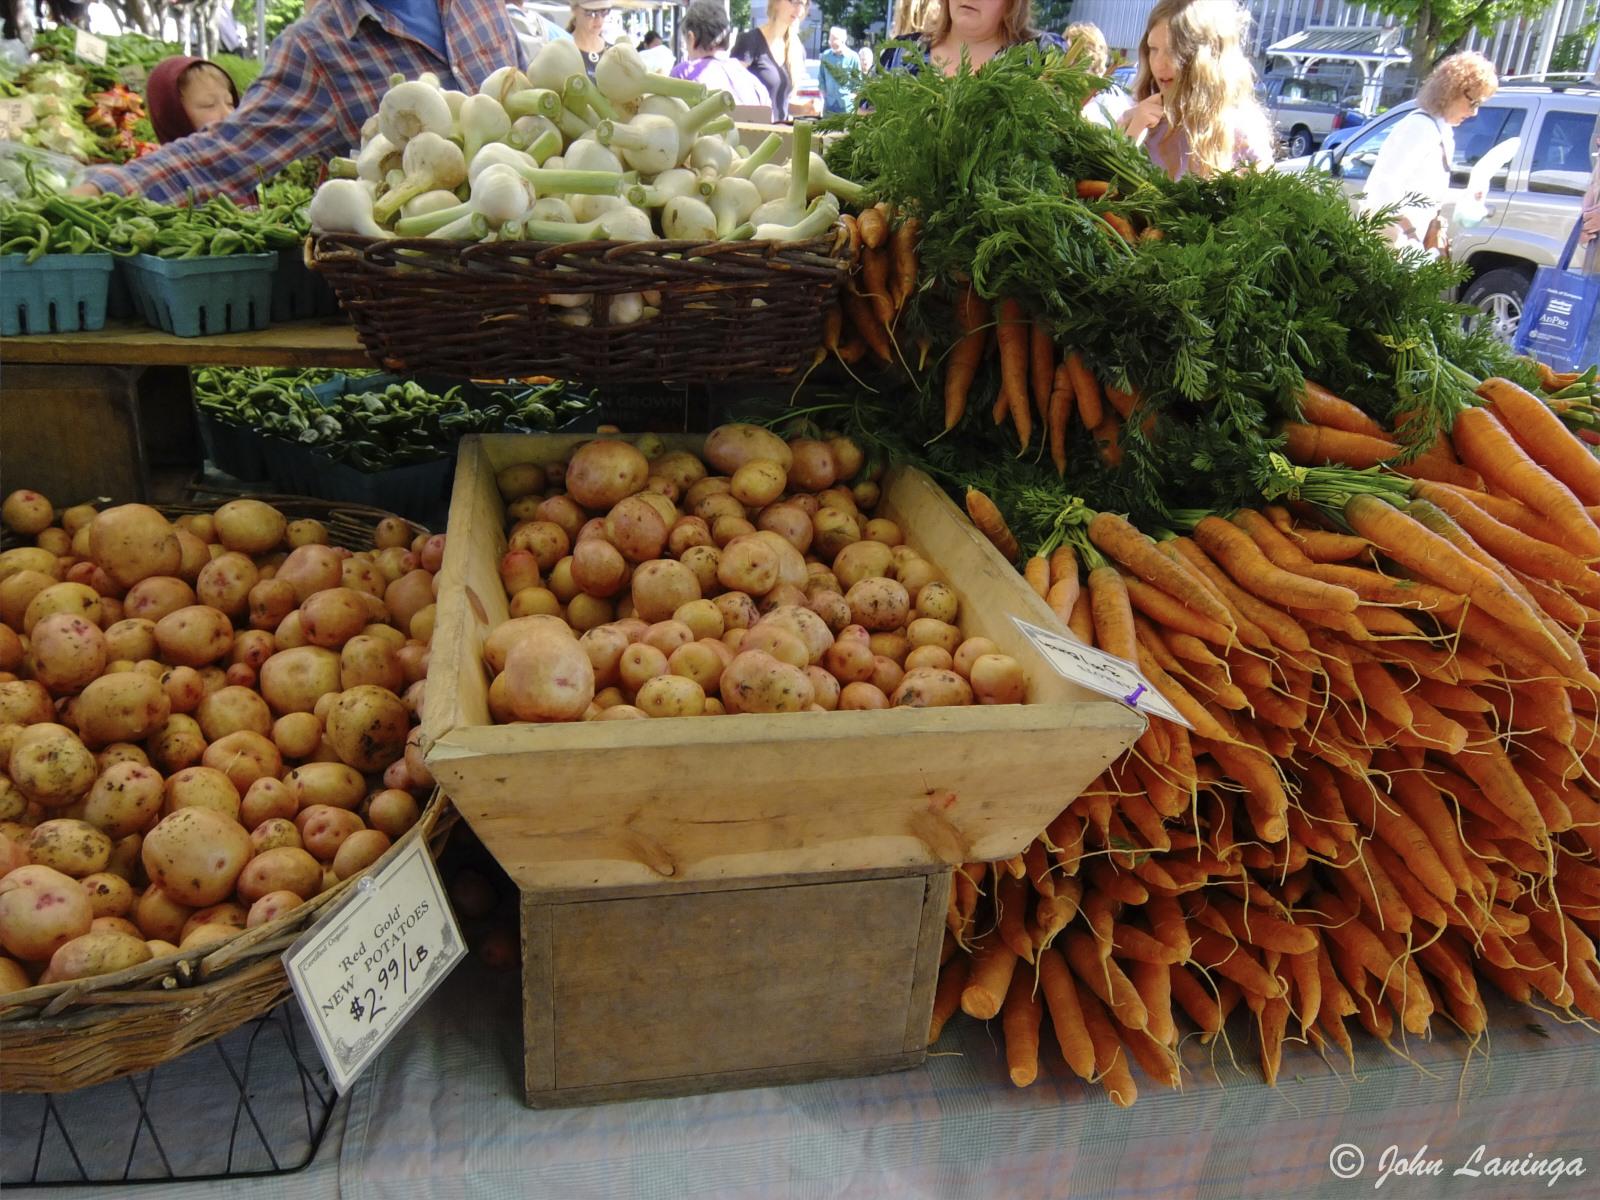 More farm market in Eugene